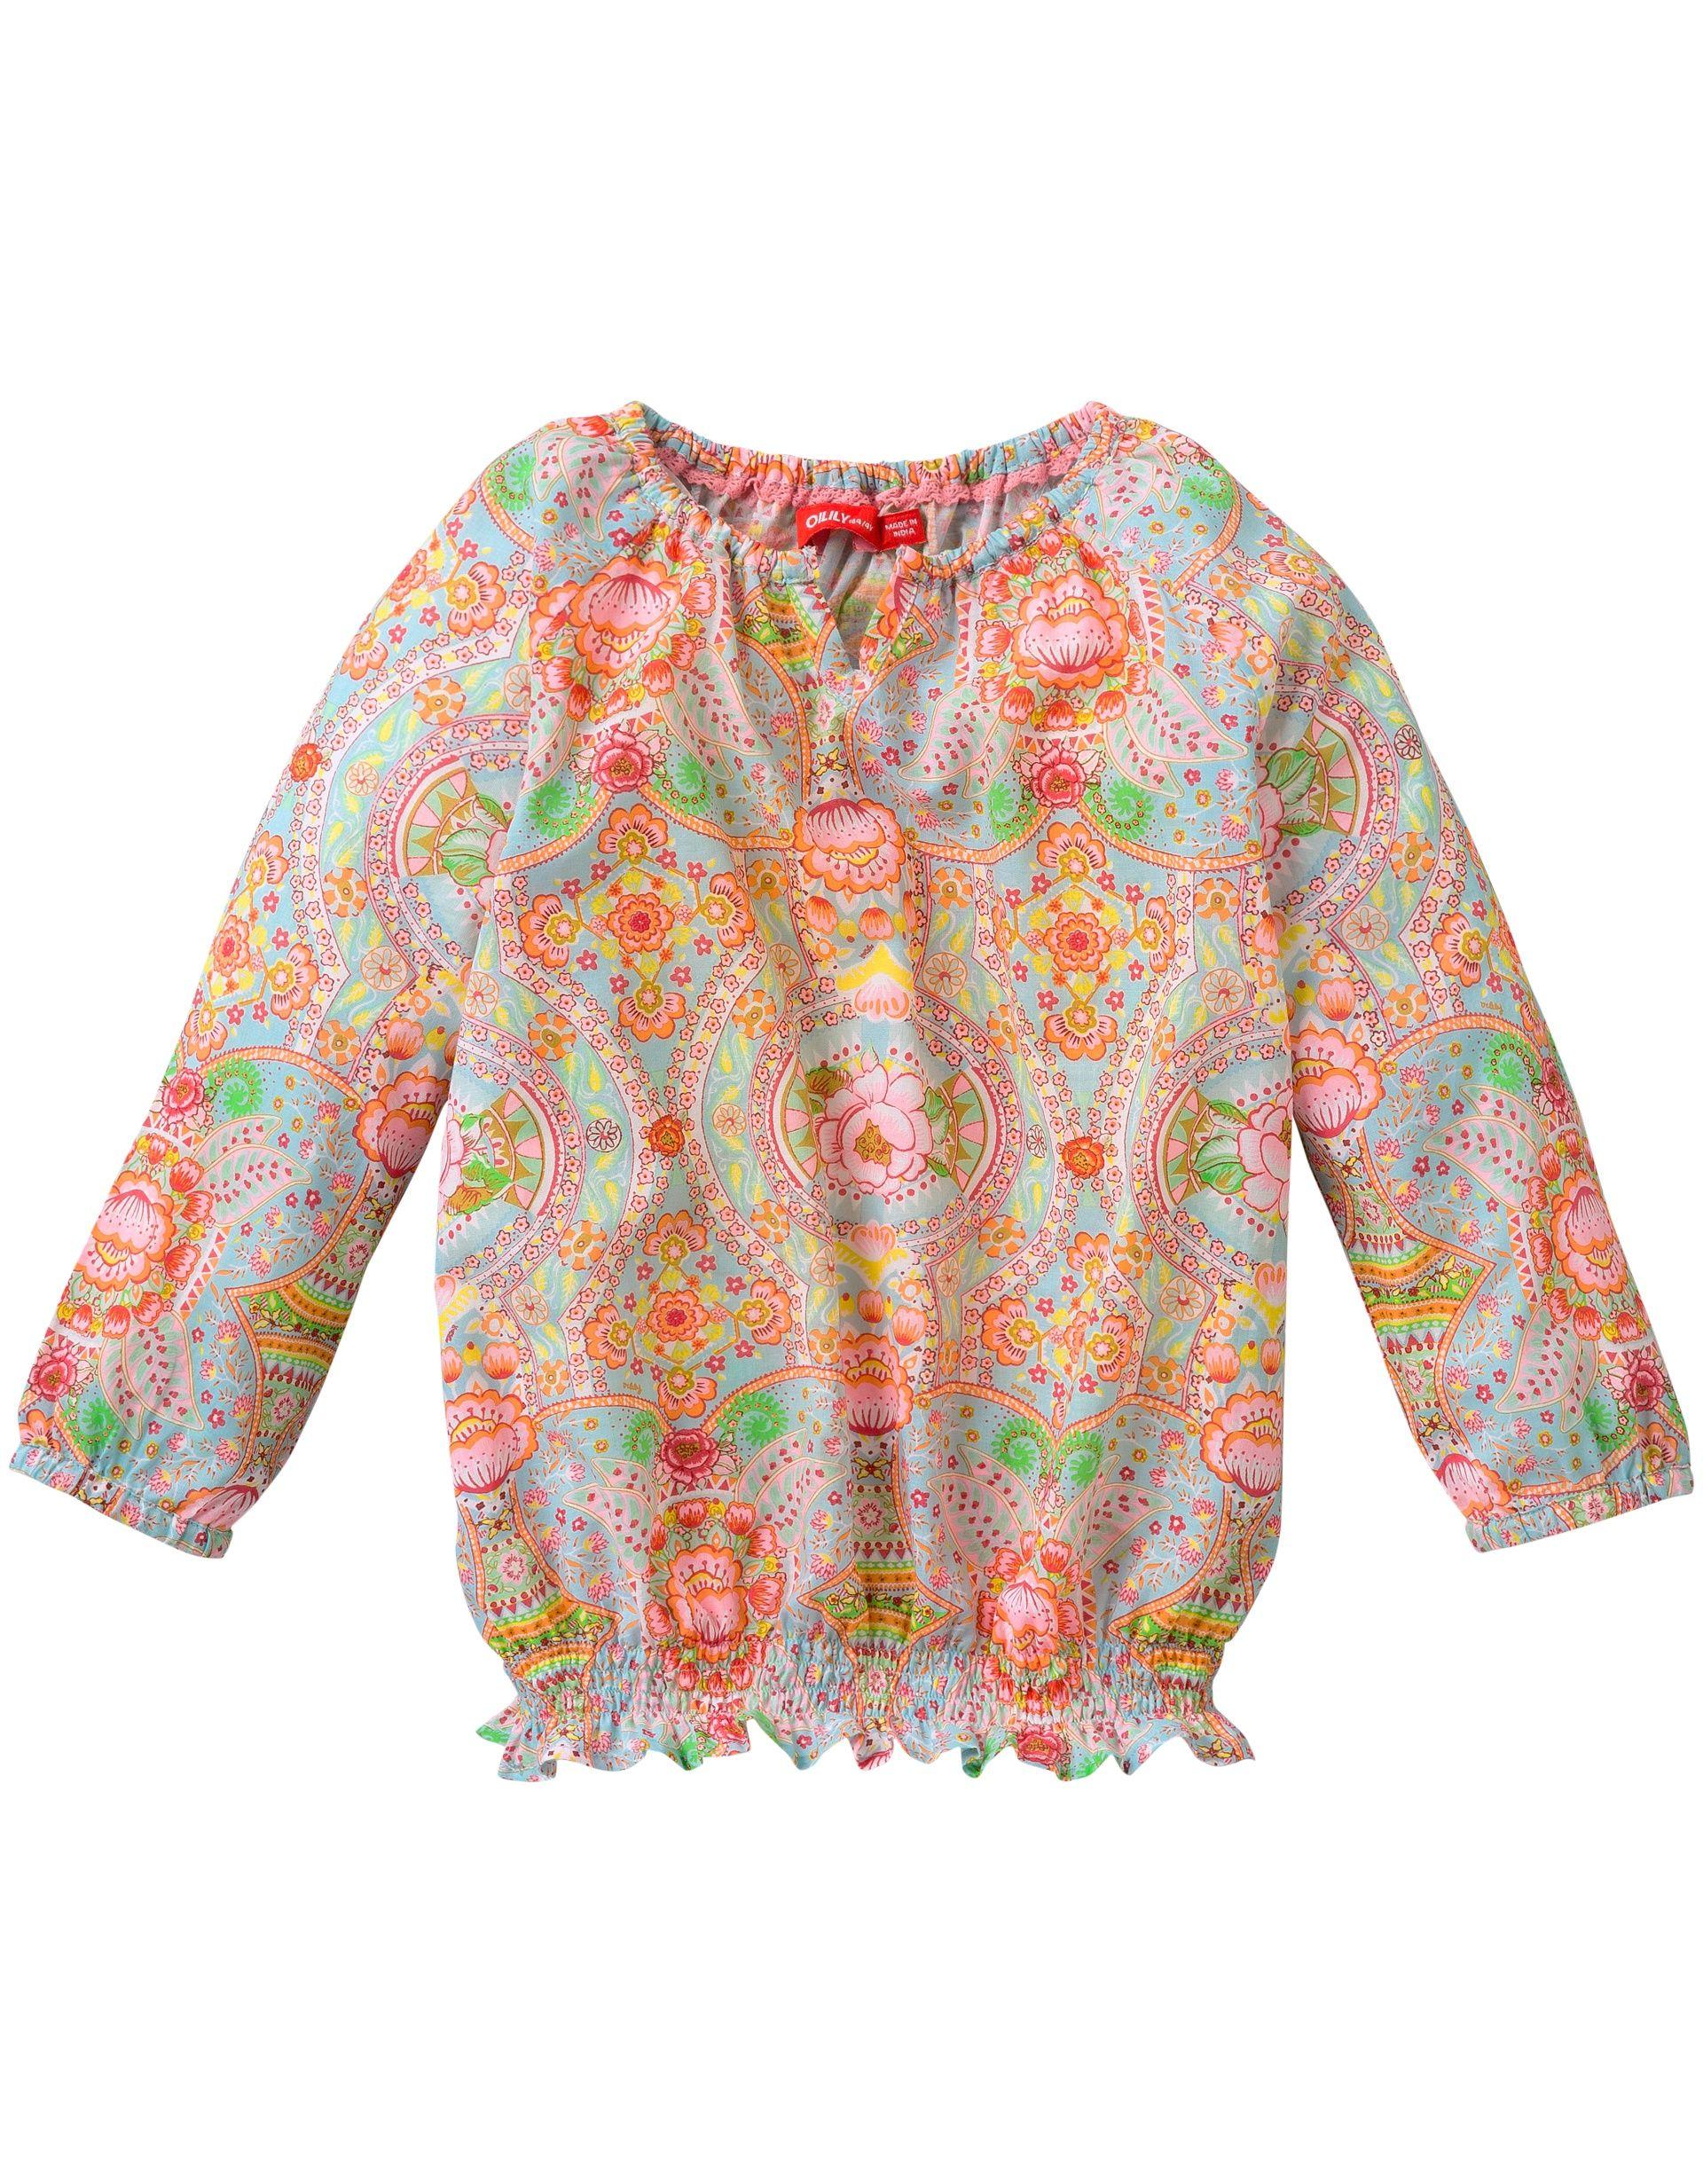 Farbenfrohe Baumwollbluse mit Oilily-Print und elastischen Details am Halsausschnitt und an den Ärmeln, sodass die Ärmel schön geschoppt werden. An der Unterseite mit authentischer Smokarbeit versehen.